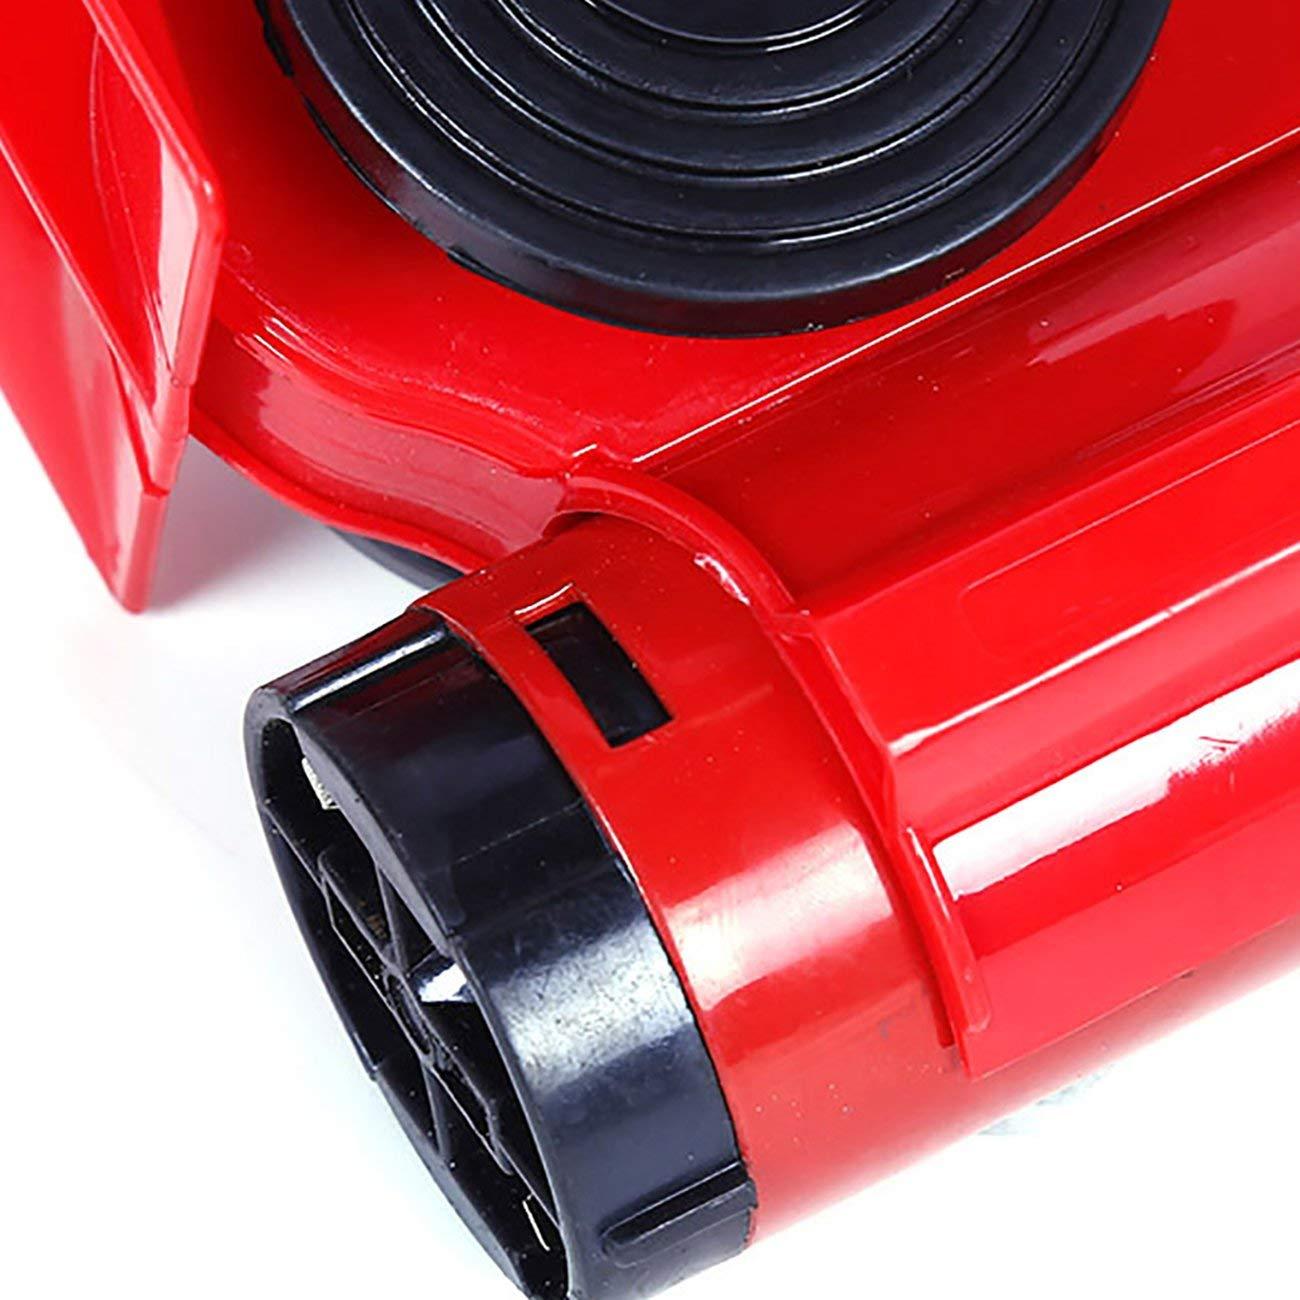 Elviray Klaxon dair Universel 12V de Voiture Automobile klaxon pour Voitures Camion Moto Voitures Camion Moto Cornes